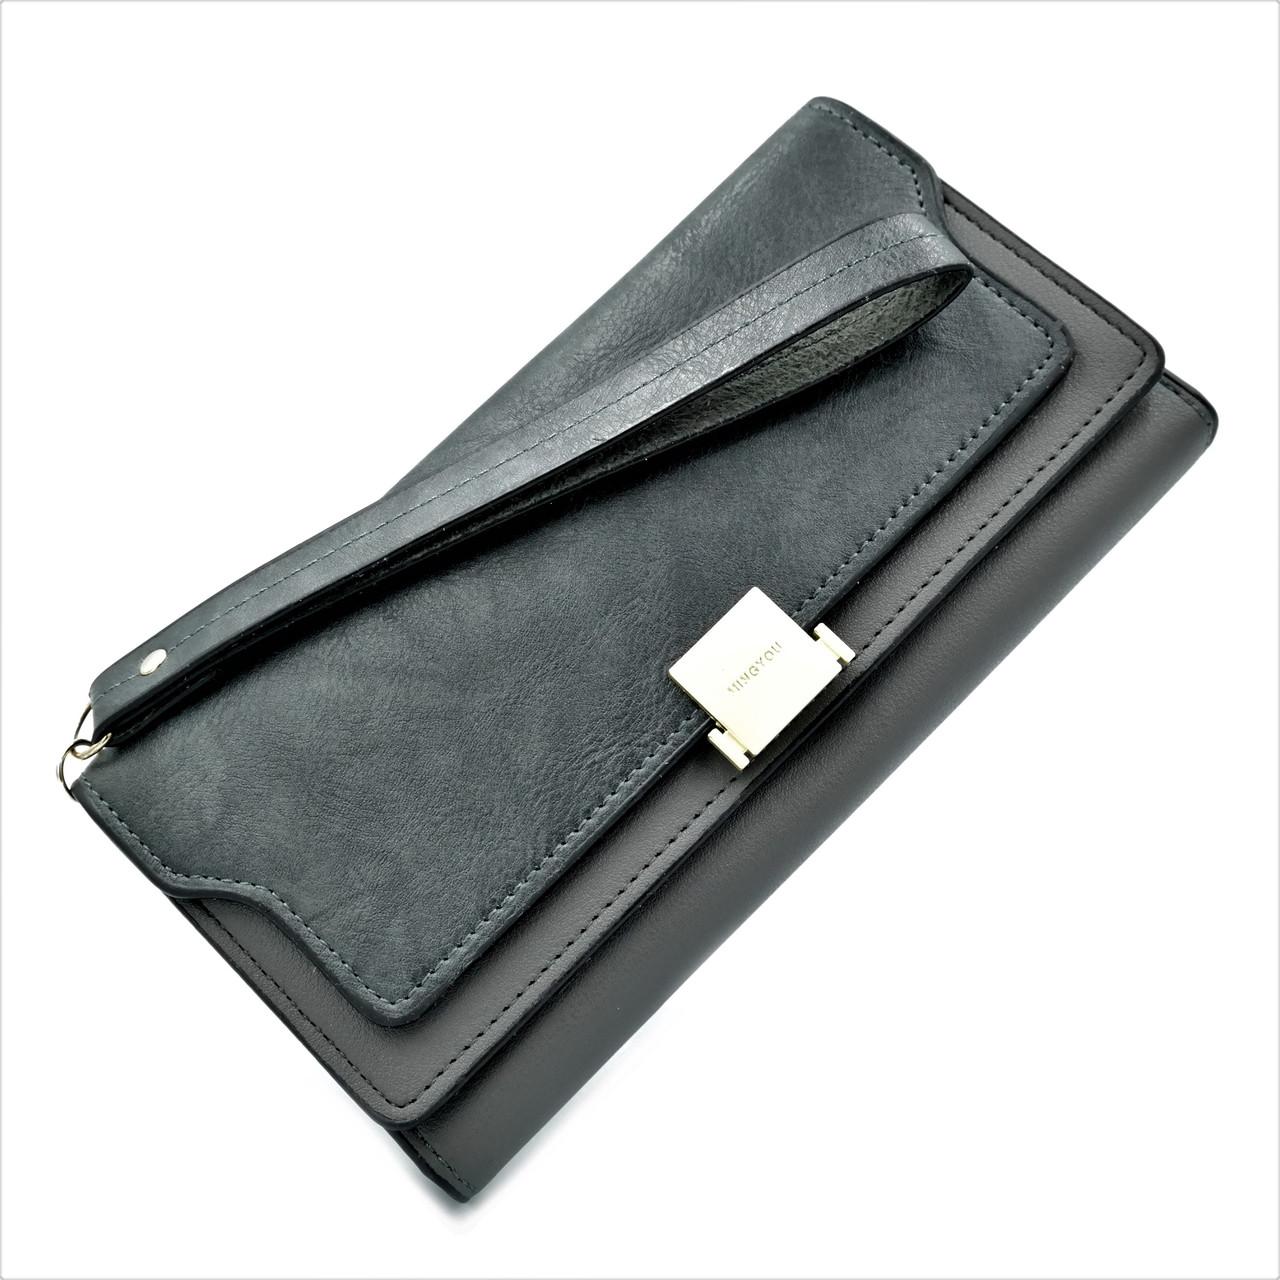 Жіночий гаманець Темно-сірий якісний гаманець клатч для дівчини сучасний Жіночий гаманець